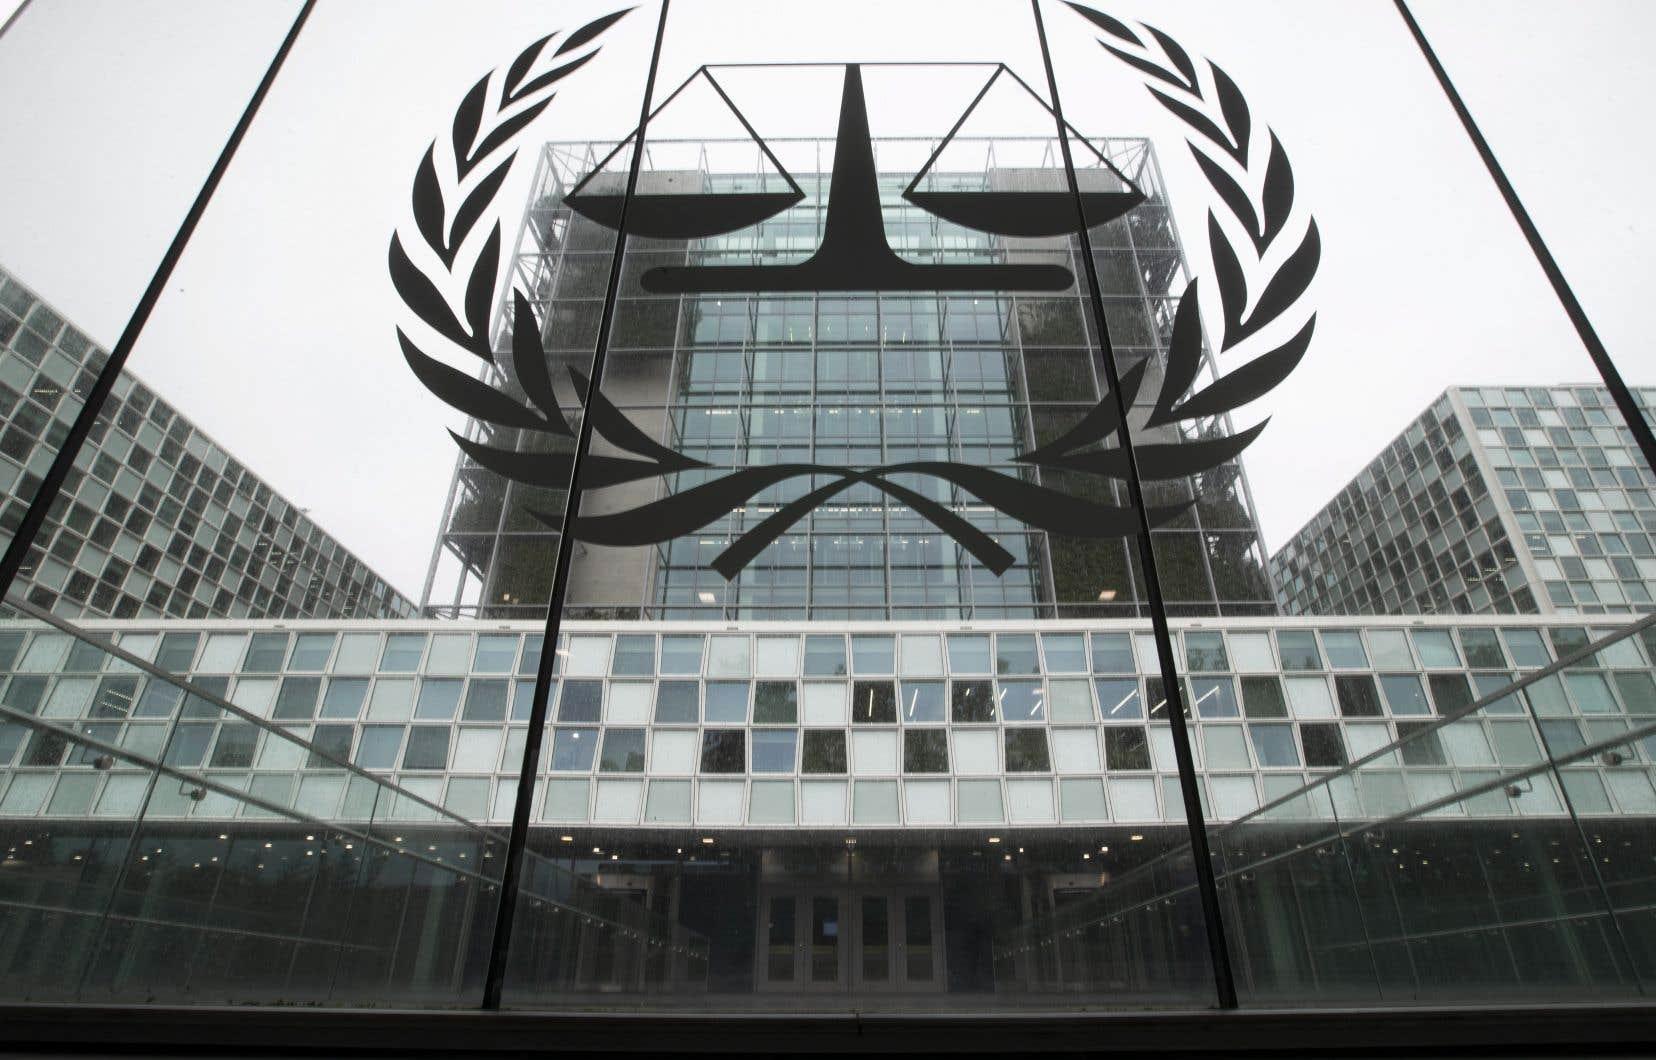 L'enquête souhaitée par la procureure de la Cour, Fatou Bensouda, vise des exactions qui auraient été commises par des soldats américains en Afghanistan.